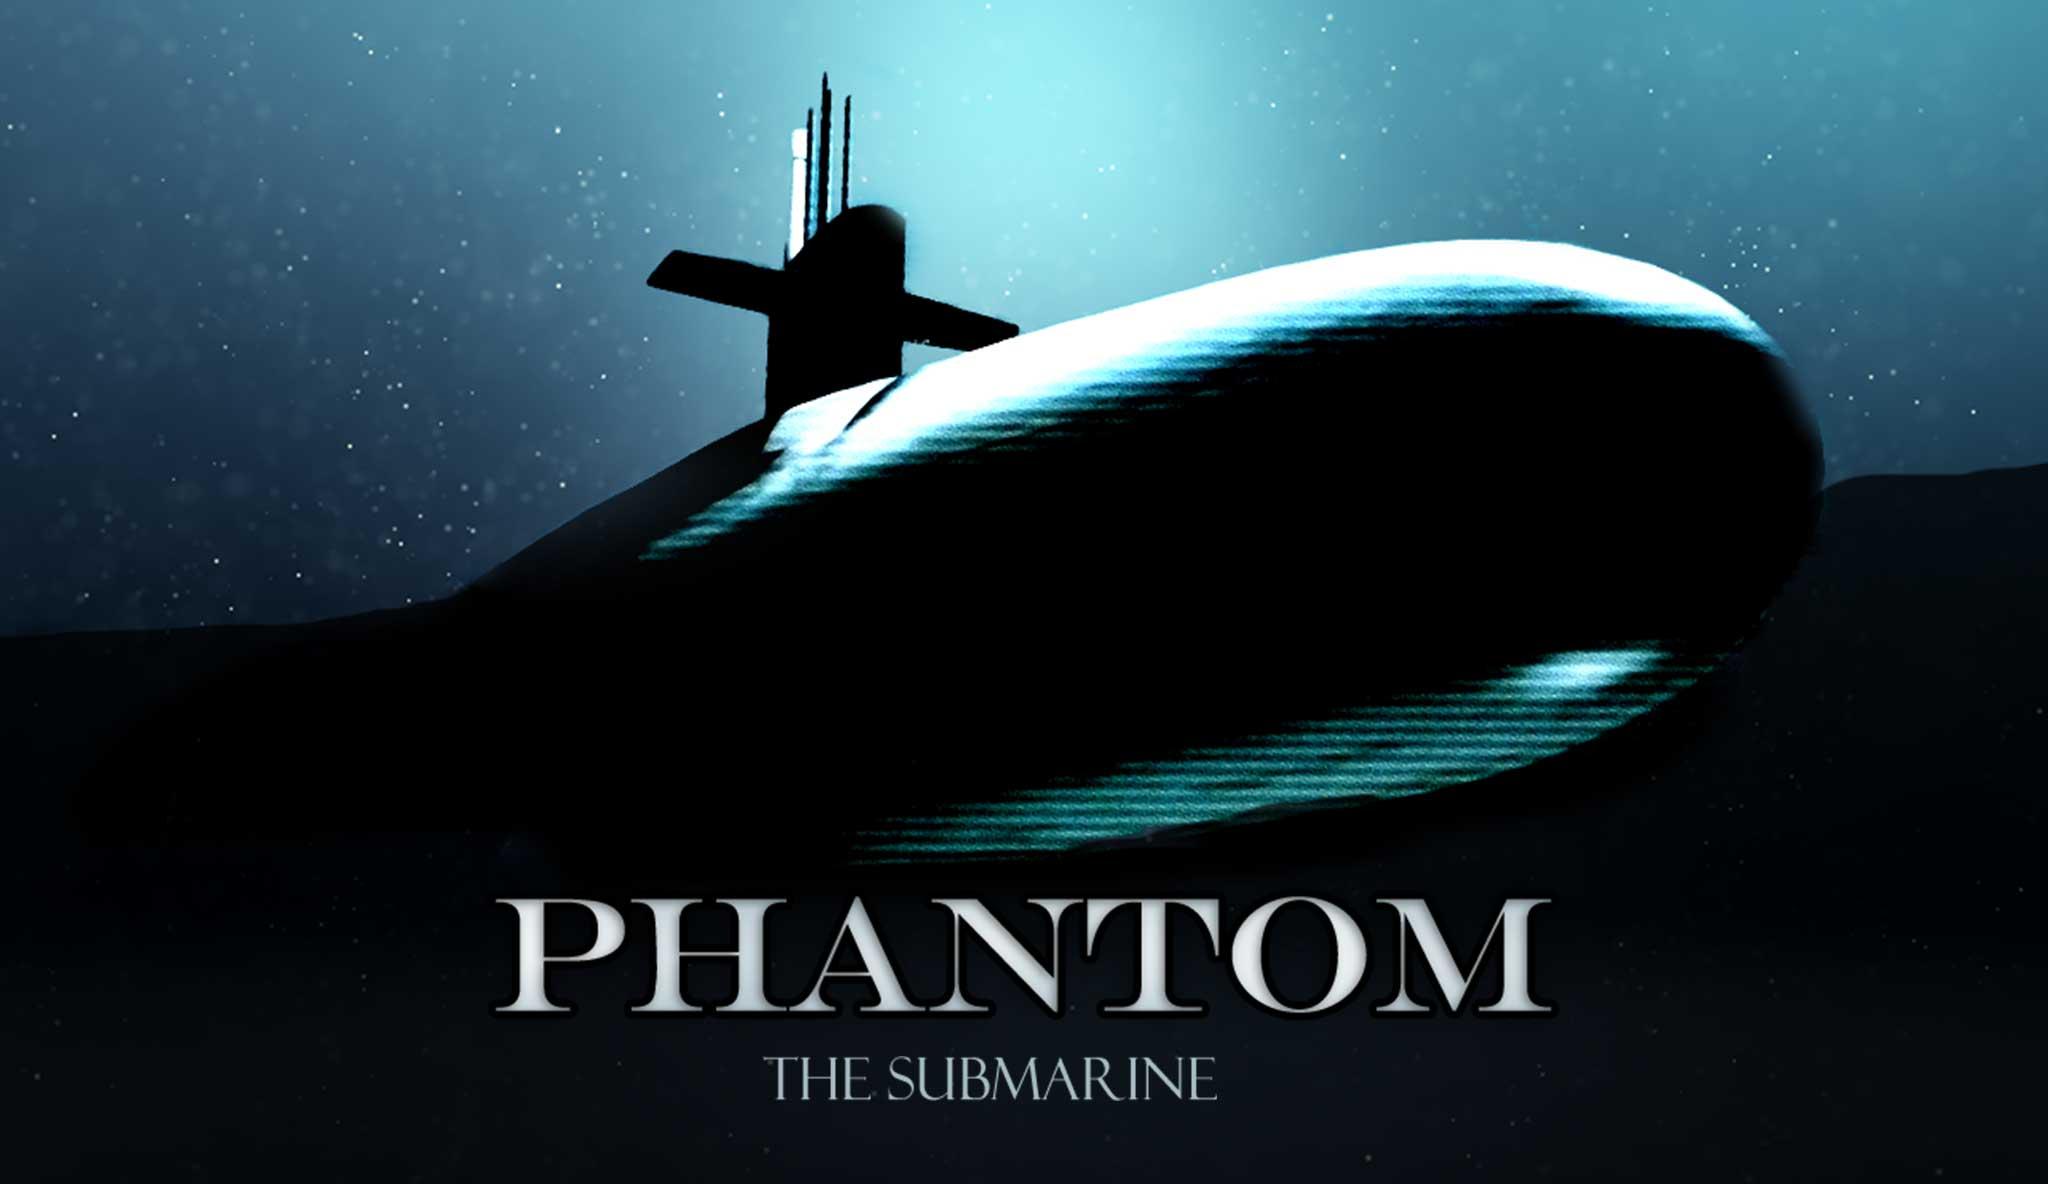 phantom-the-submarine\header.jpg